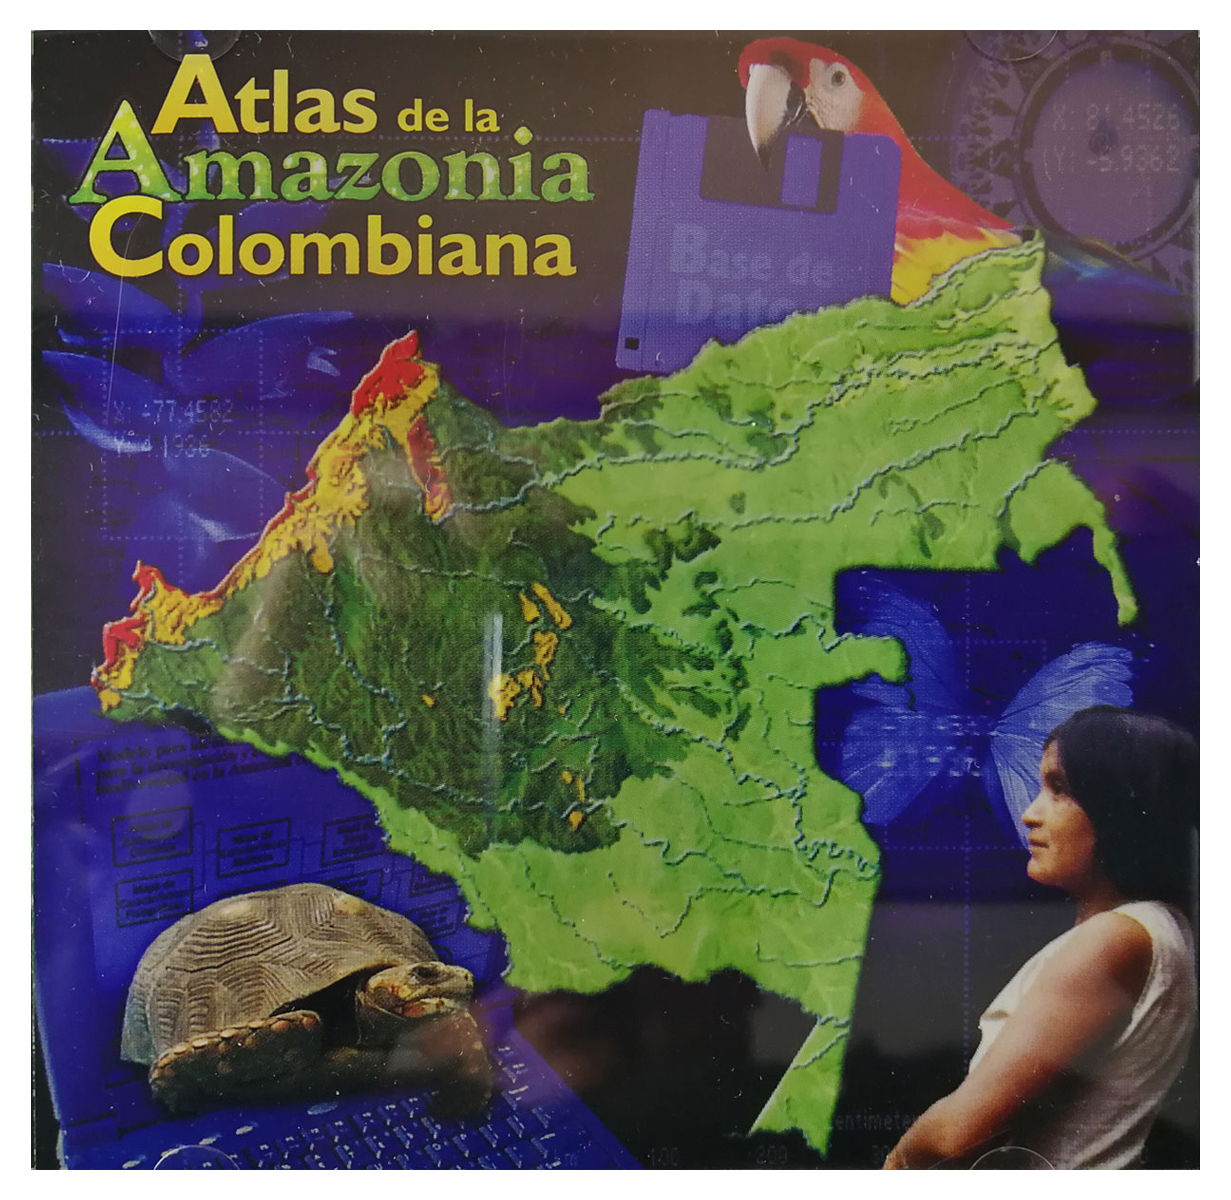 Atlas de la Amazonia Colombiana